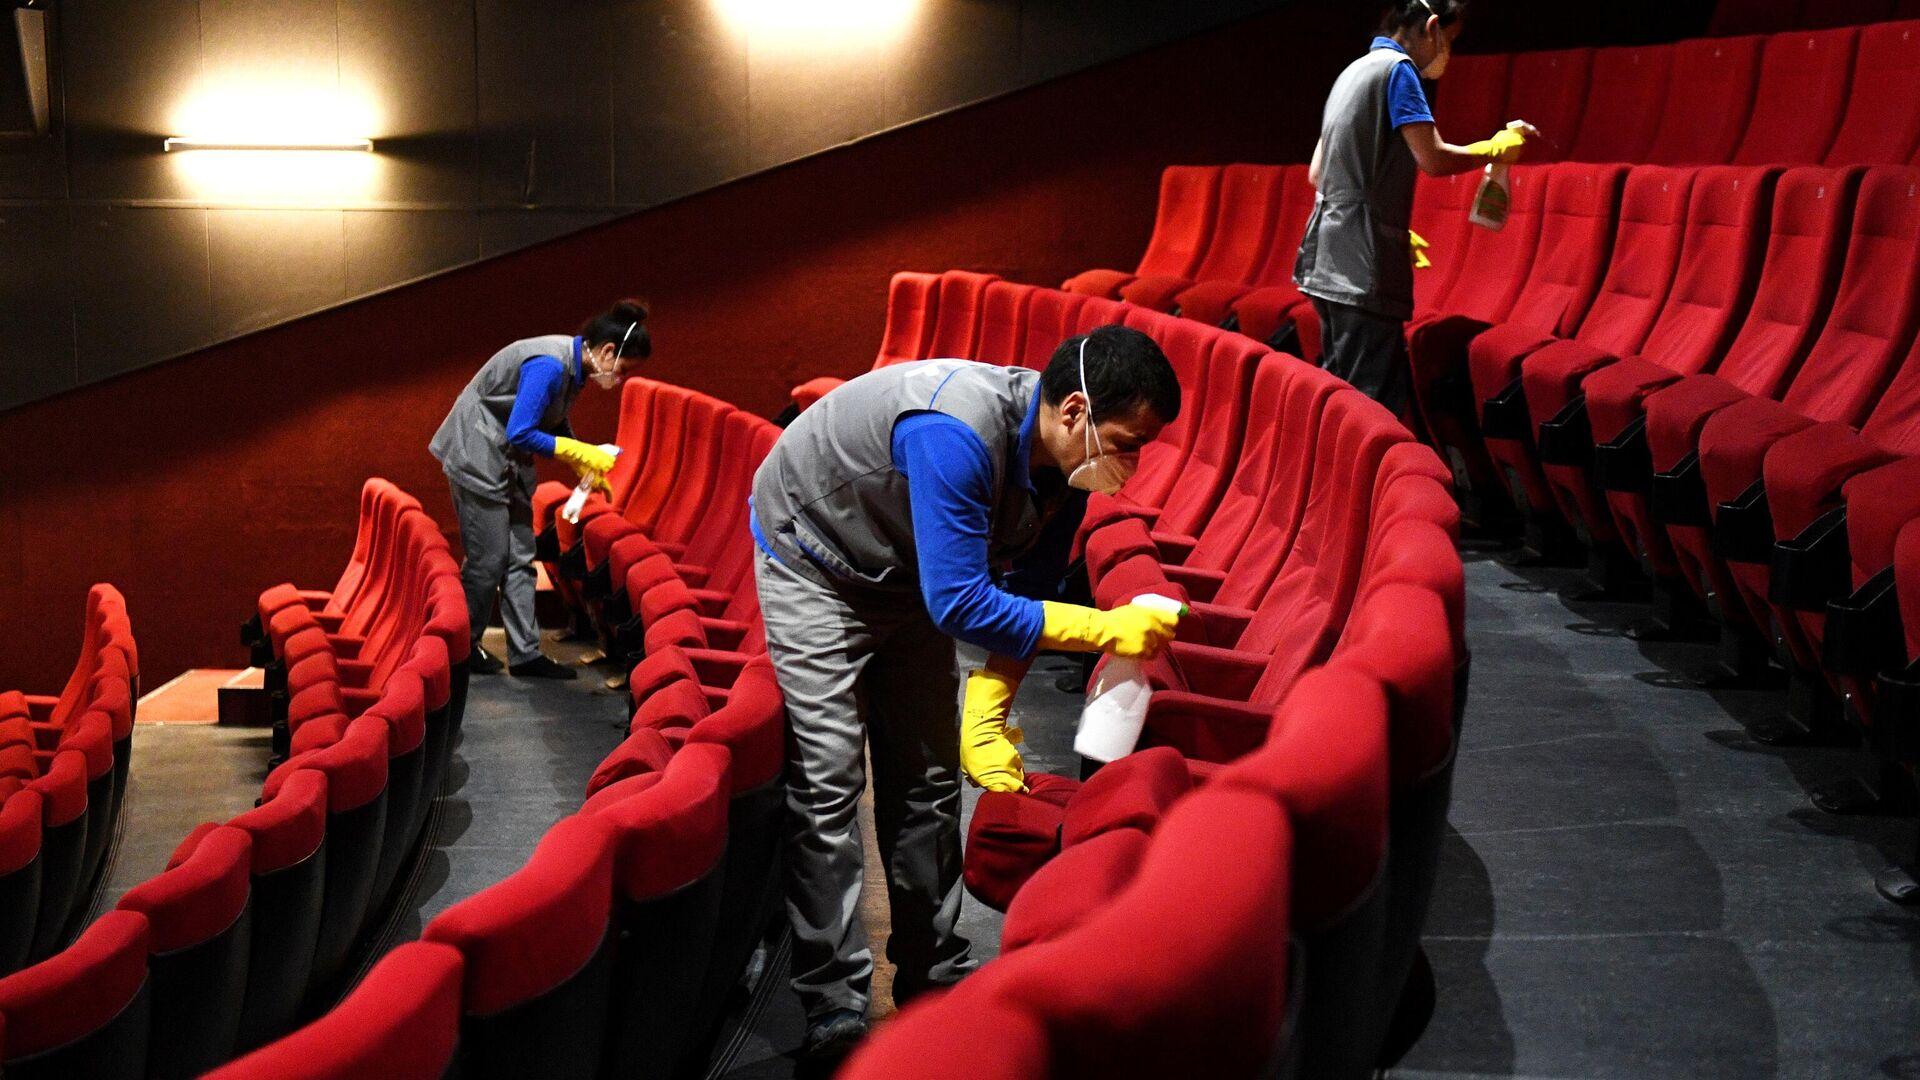 Сотрудники клининговой службы производит санитарную обработку кресел в кинотеатре - РИА Новости, 1920, 12.06.2021